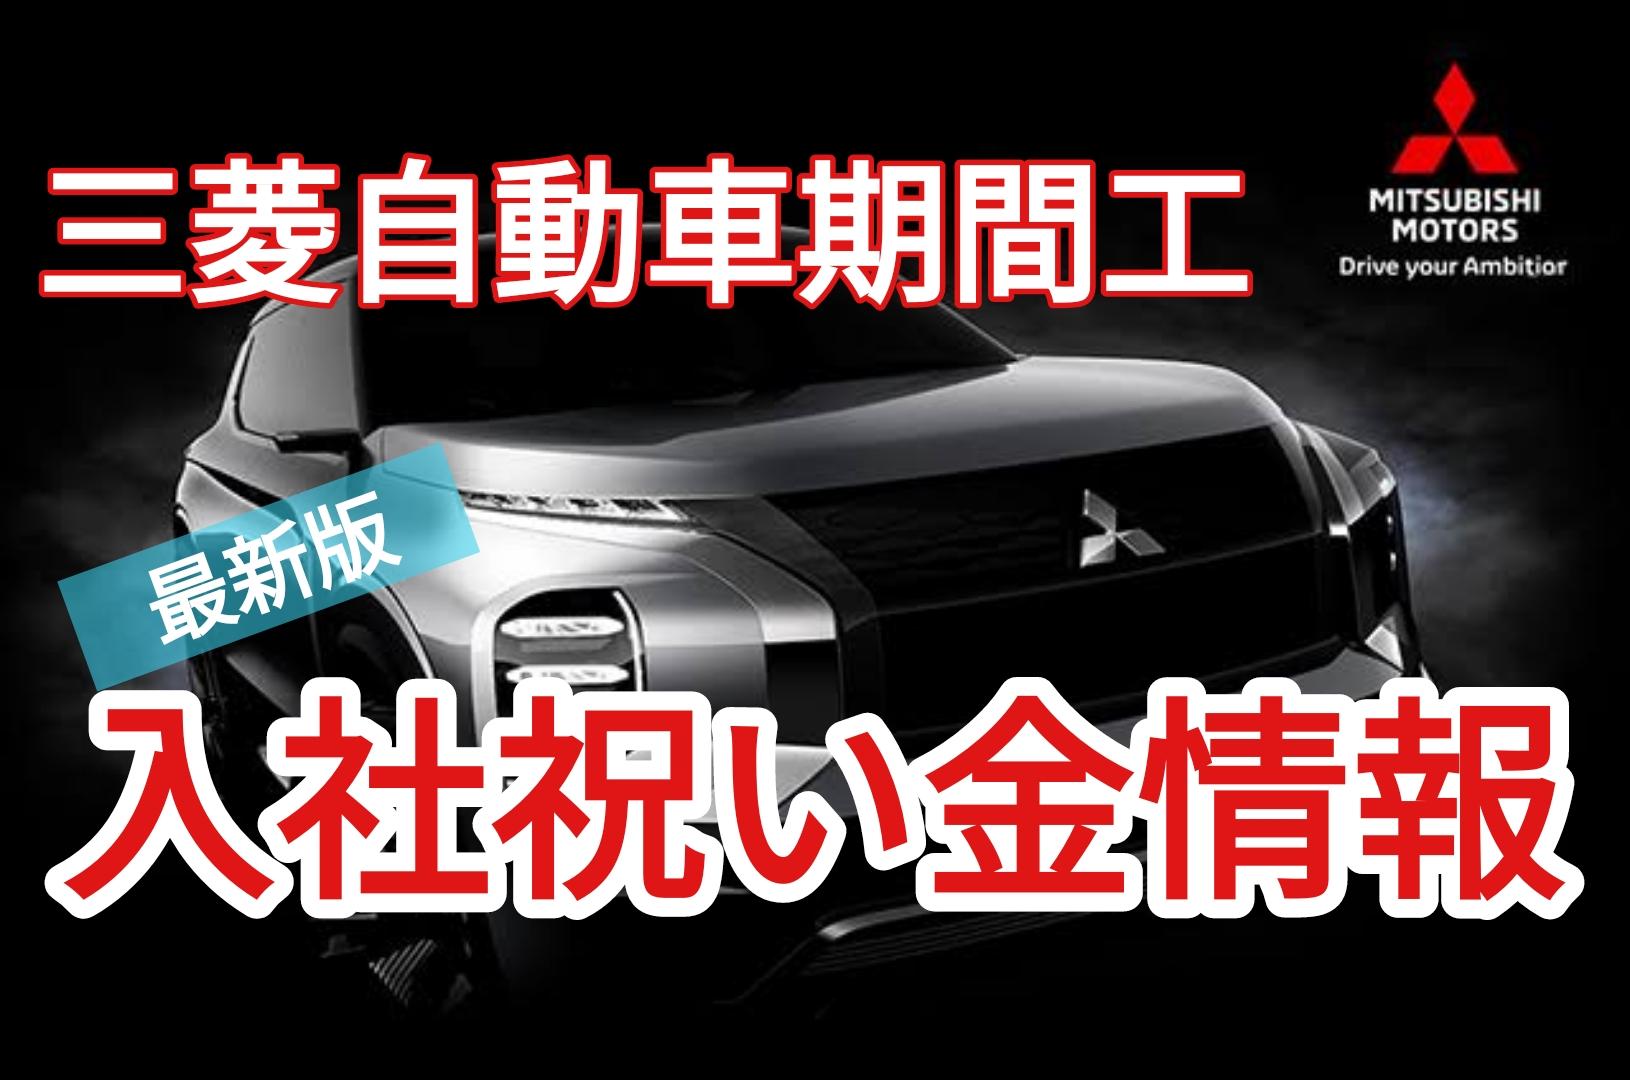 三菱自動車期間工の2020年3月募集スケジュールと入社祝い金情報